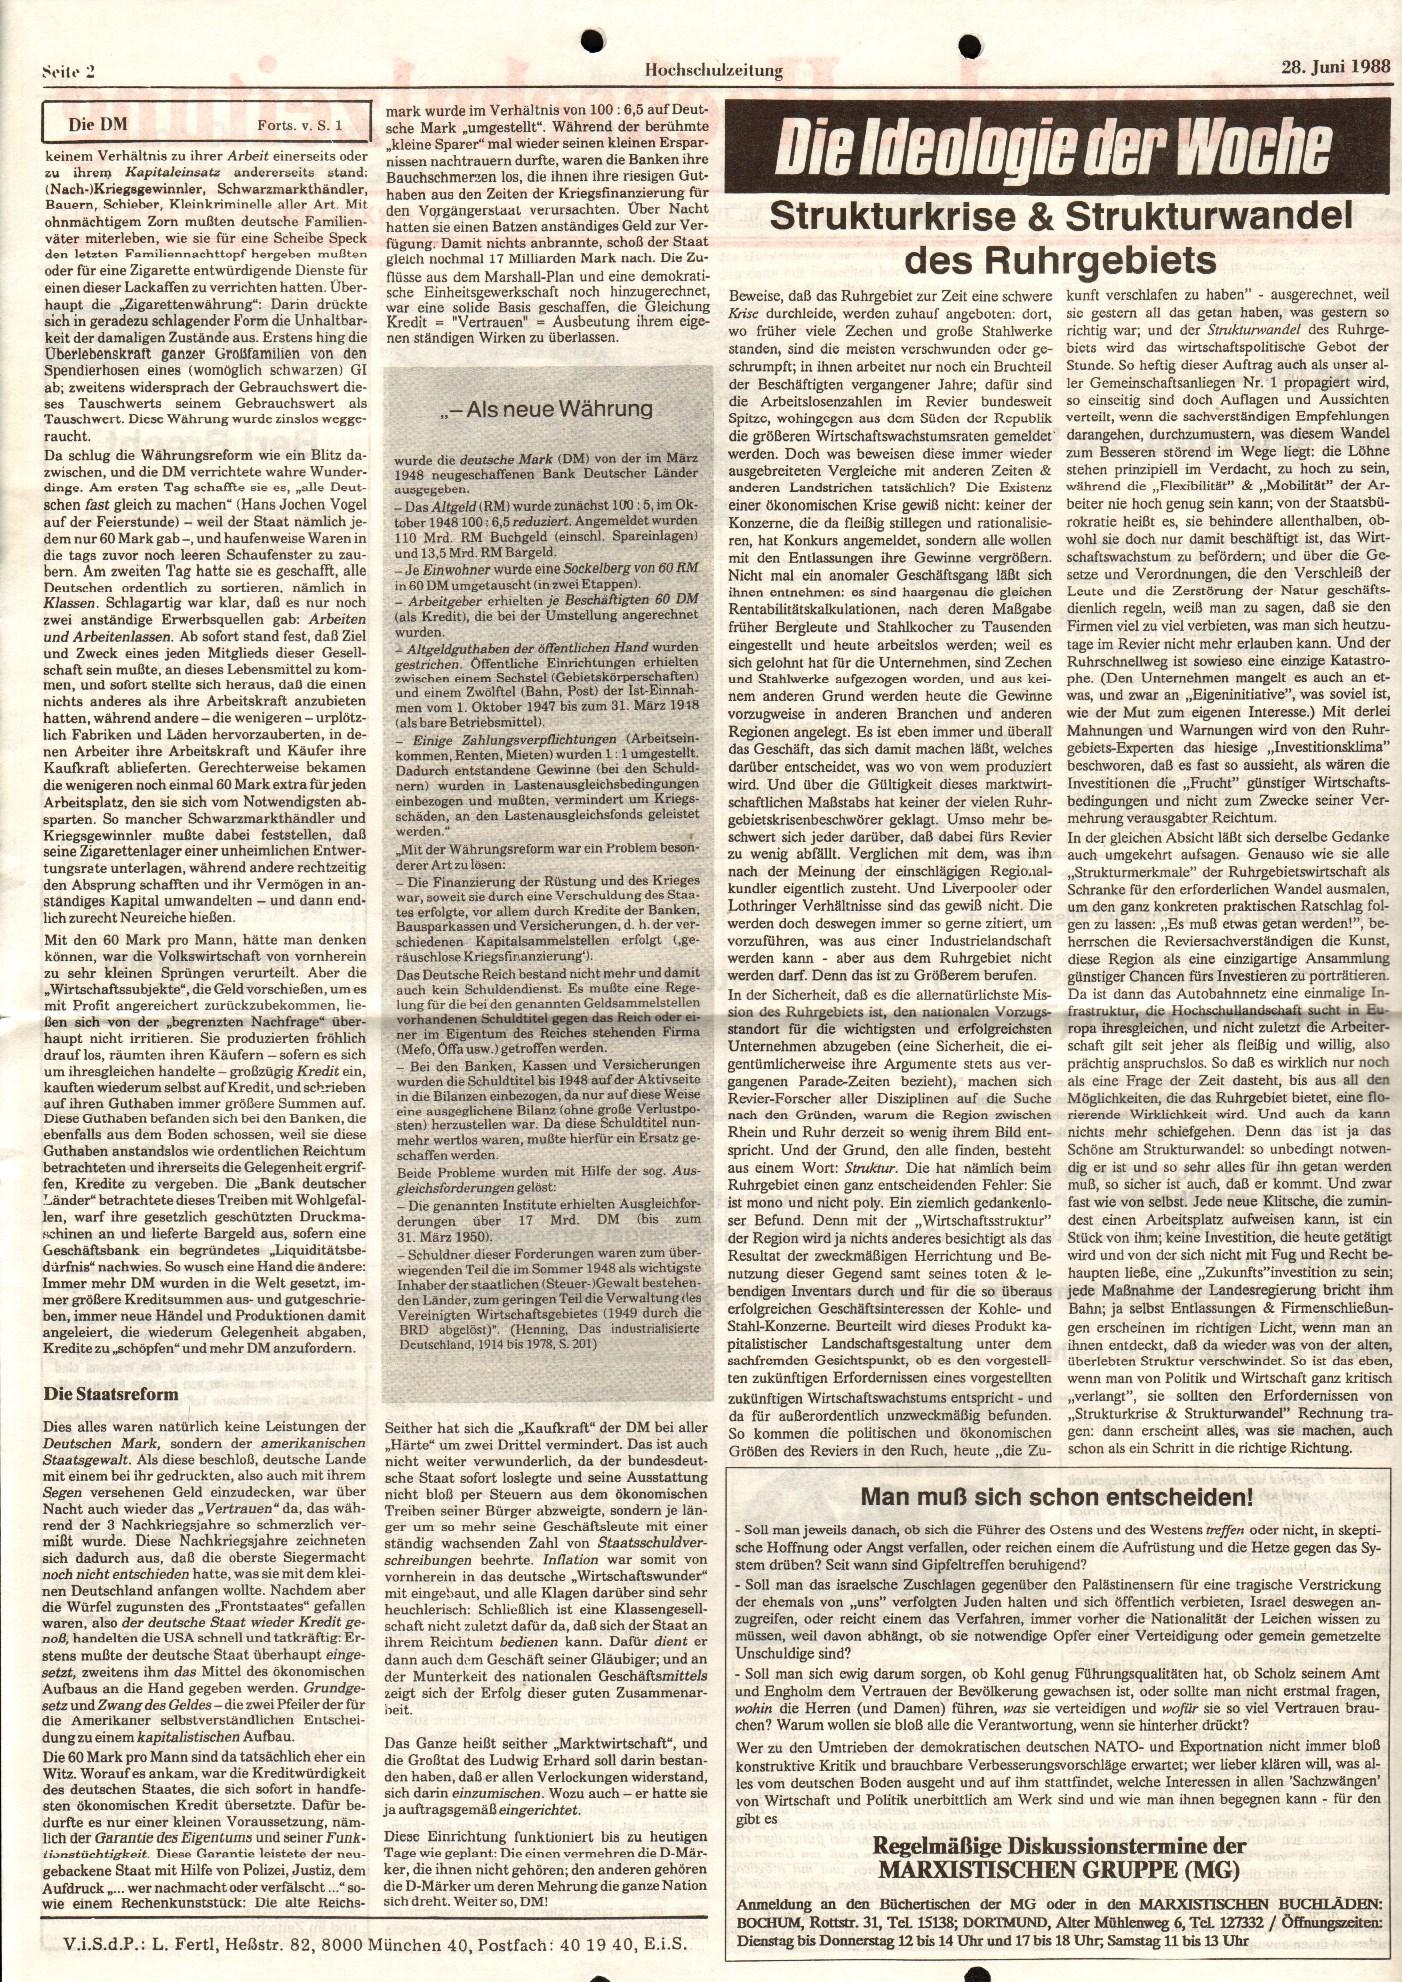 MG_Dortmunder_Hochschulzeitung_19880628_02